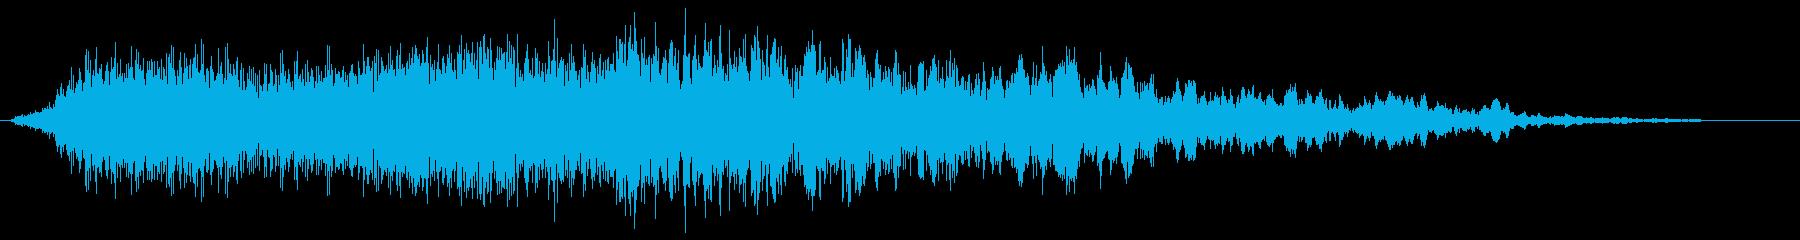 シューコーというようなエアー音の再生済みの波形